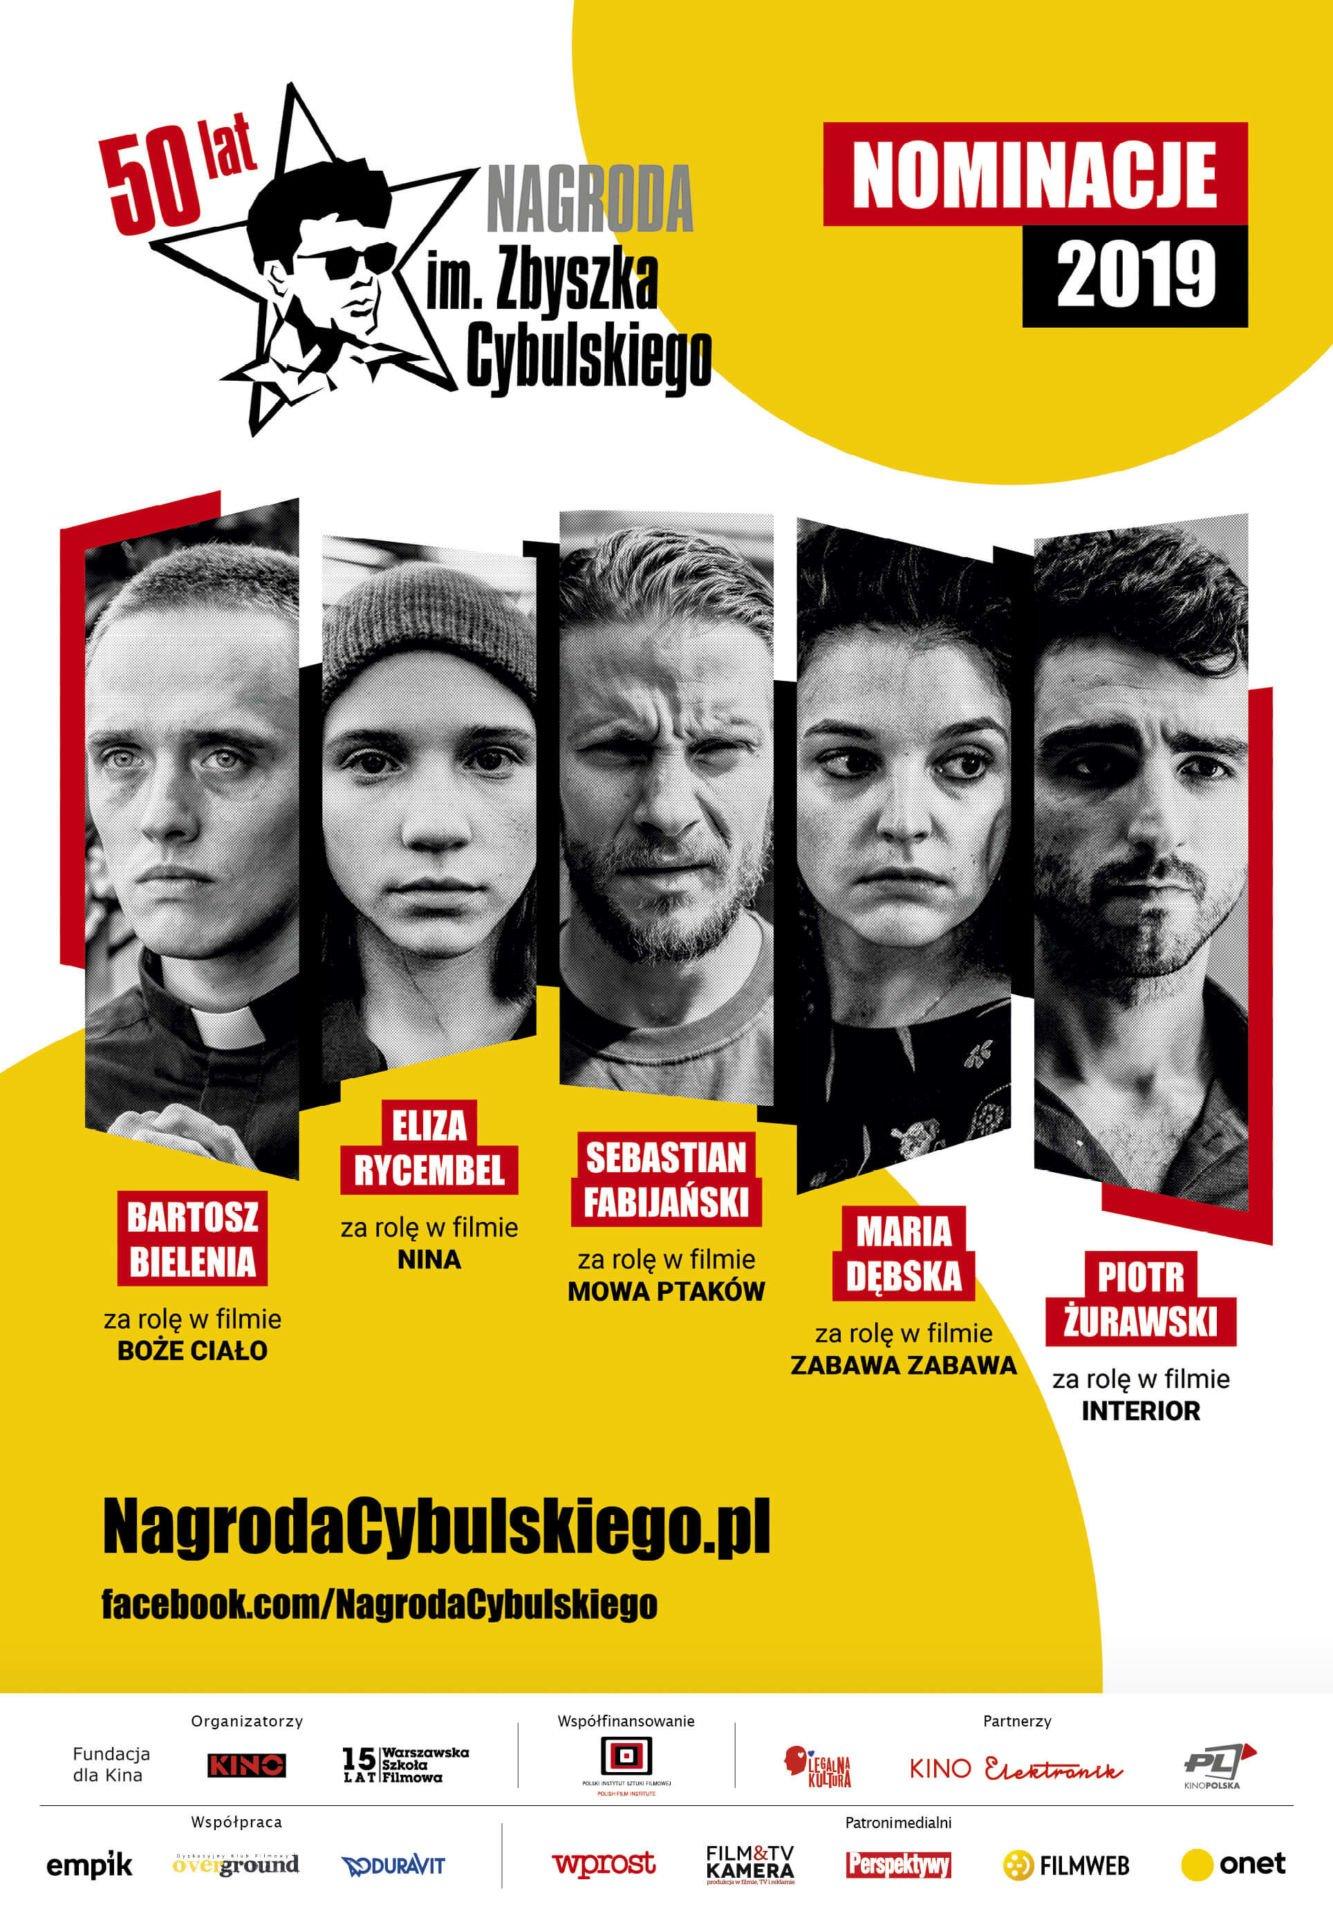 Nominacje doNagrody im.Zbyszka Cybulskiego 2019